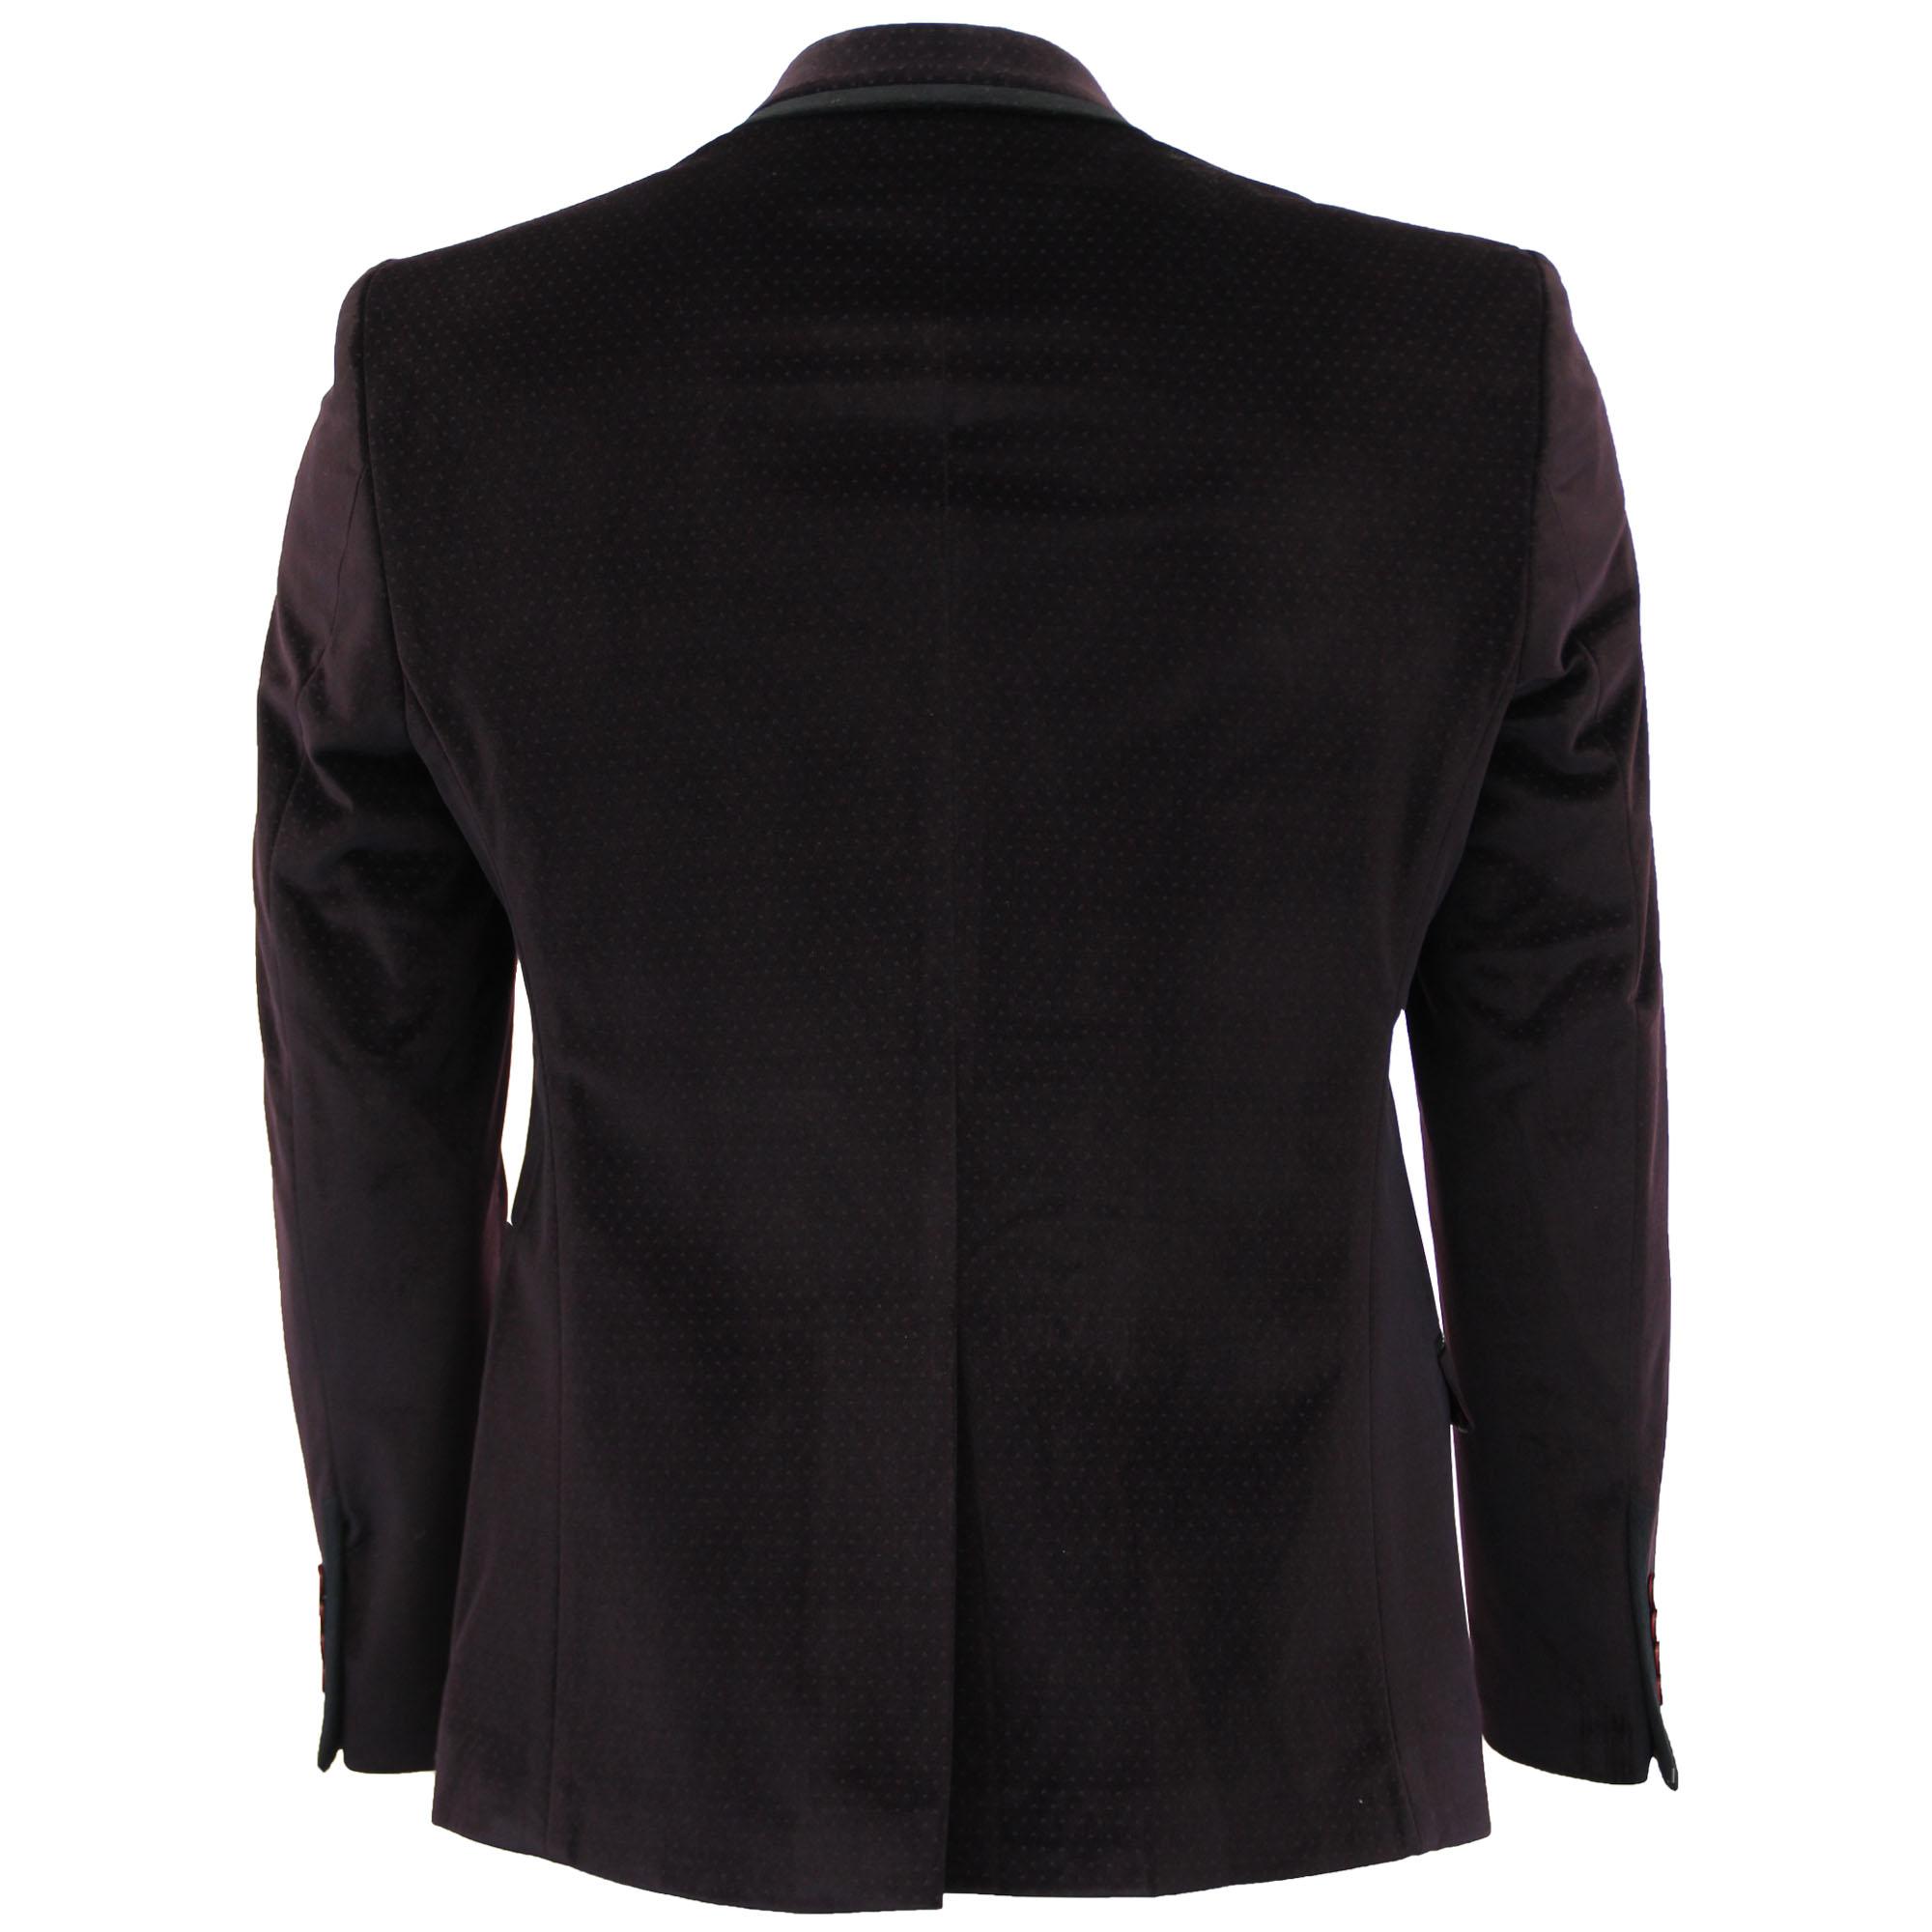 Veste simili cuir femme noir